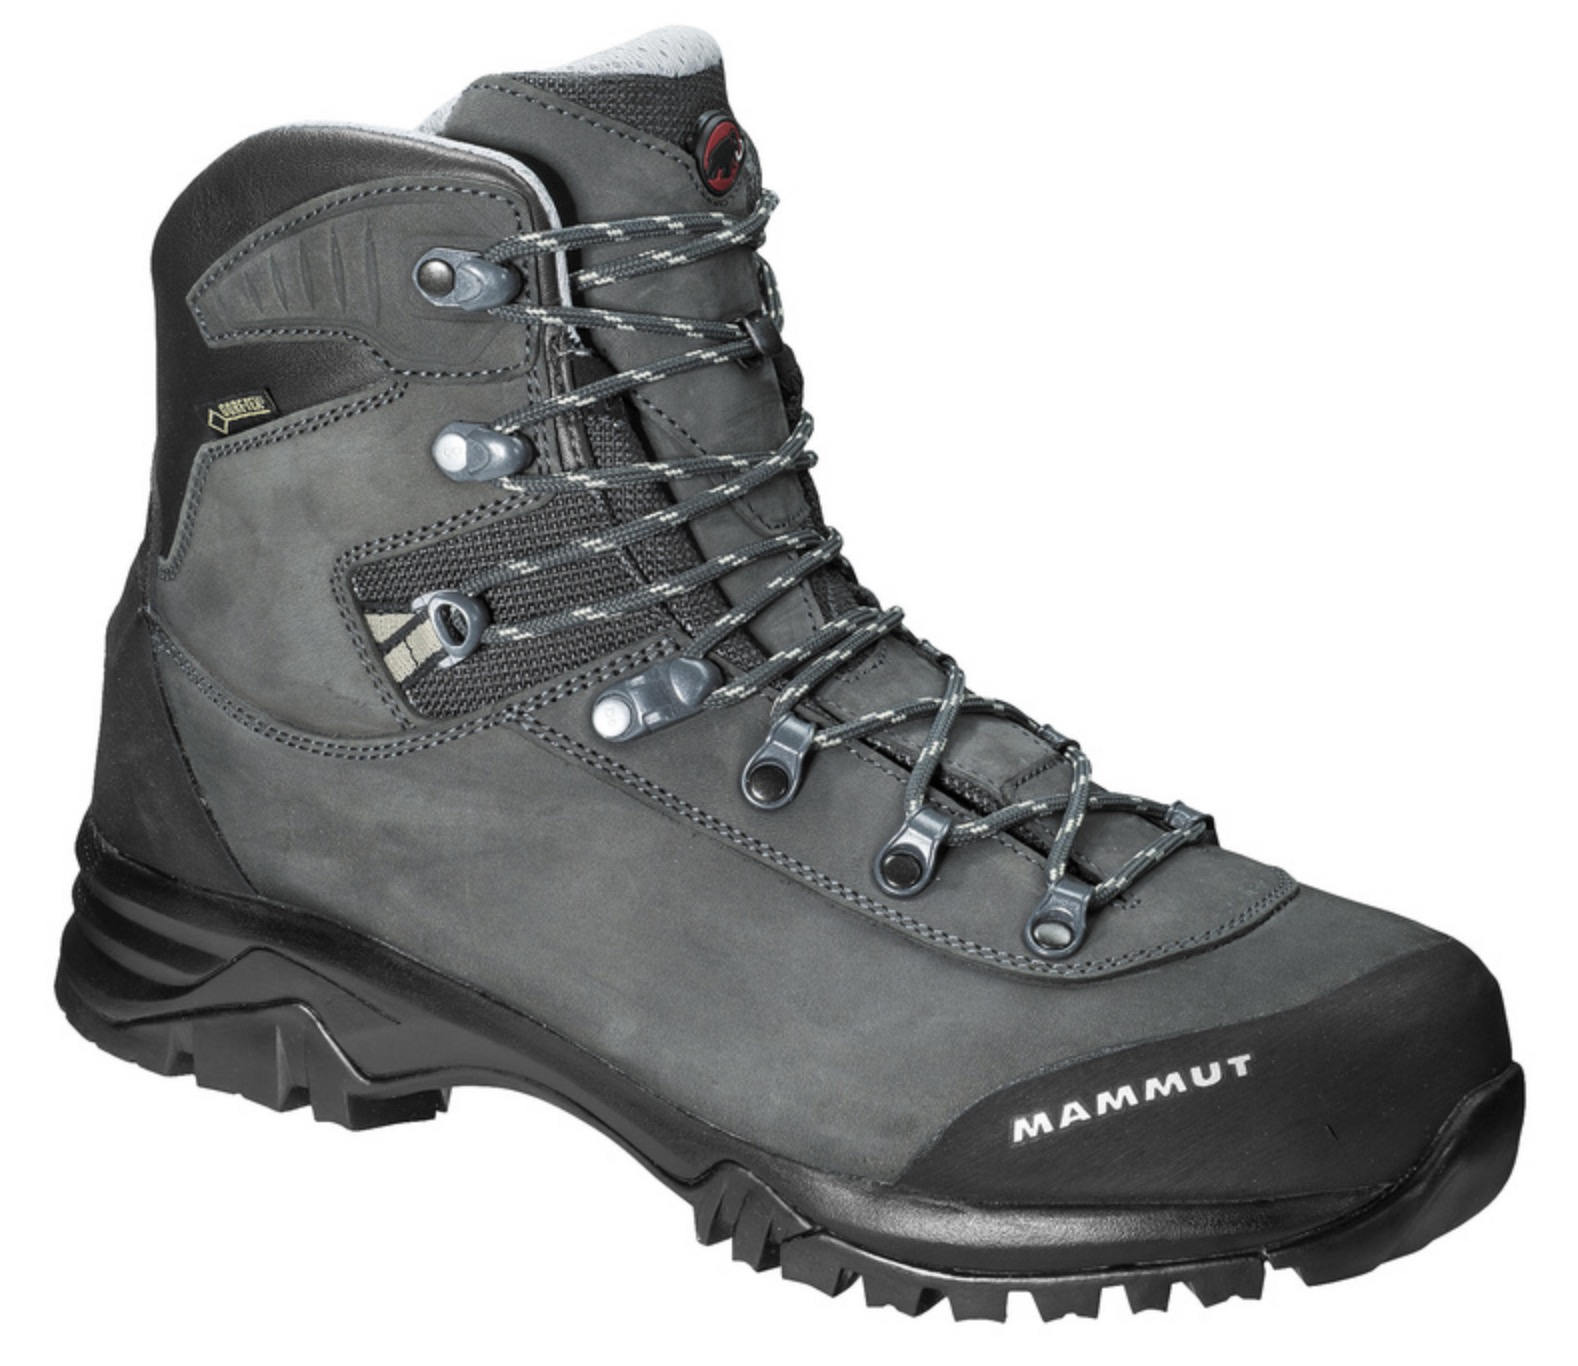 Mammut - Trovat Advanced High GTX® Men - Hiking boots - Men's